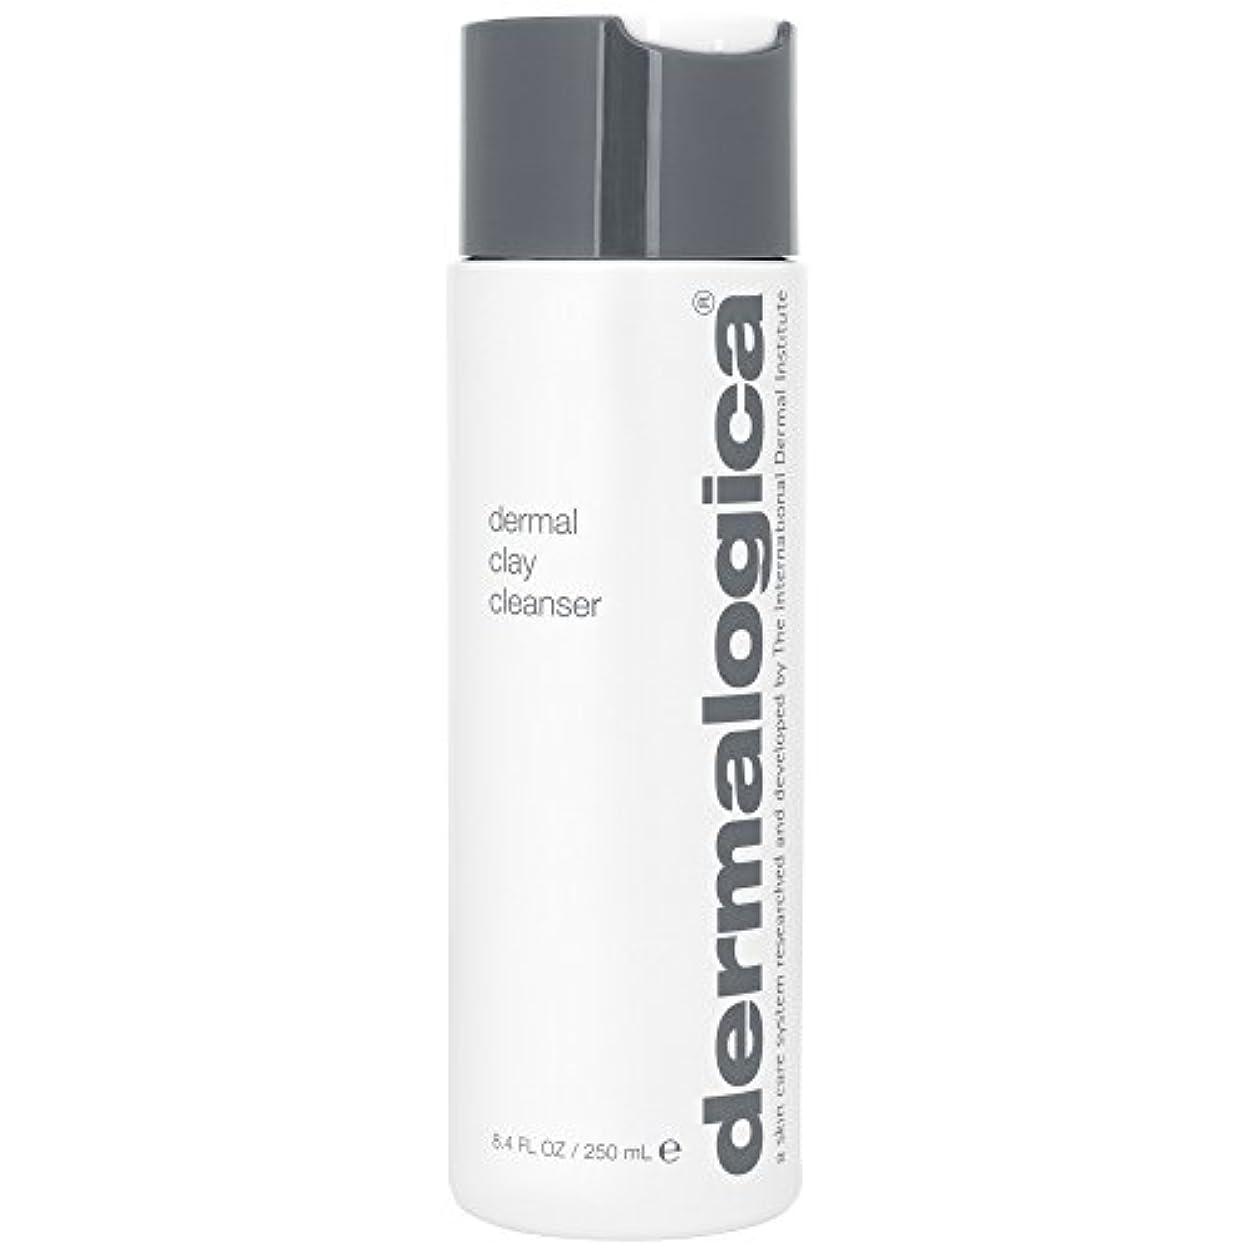 ストライク工場古風なダーマロジカ真皮クレイクレンザー250ミリリットル (Dermalogica) (x6) - Dermalogica Dermal Clay Cleanser 250ml (Pack of 6) [並行輸入品]